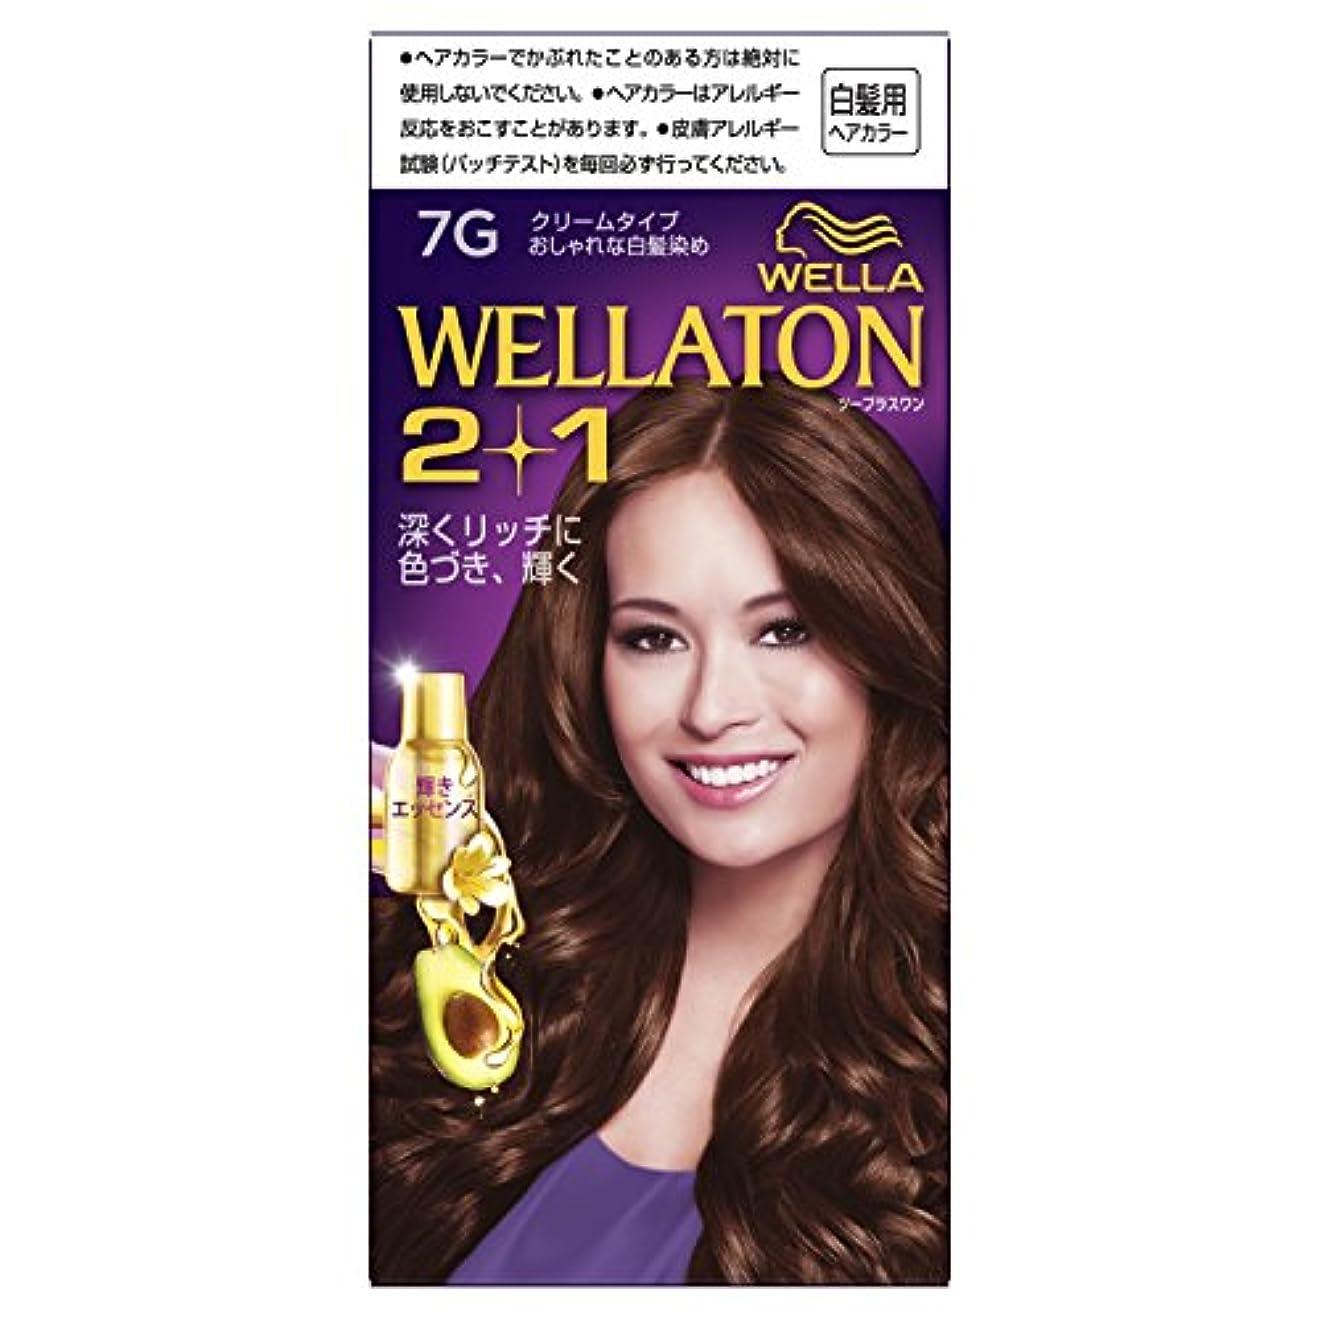 用心深いゲインセイ円形のウエラトーン2+1 クリームタイプ 7G [医薬部外品](おしゃれな白髪染め)